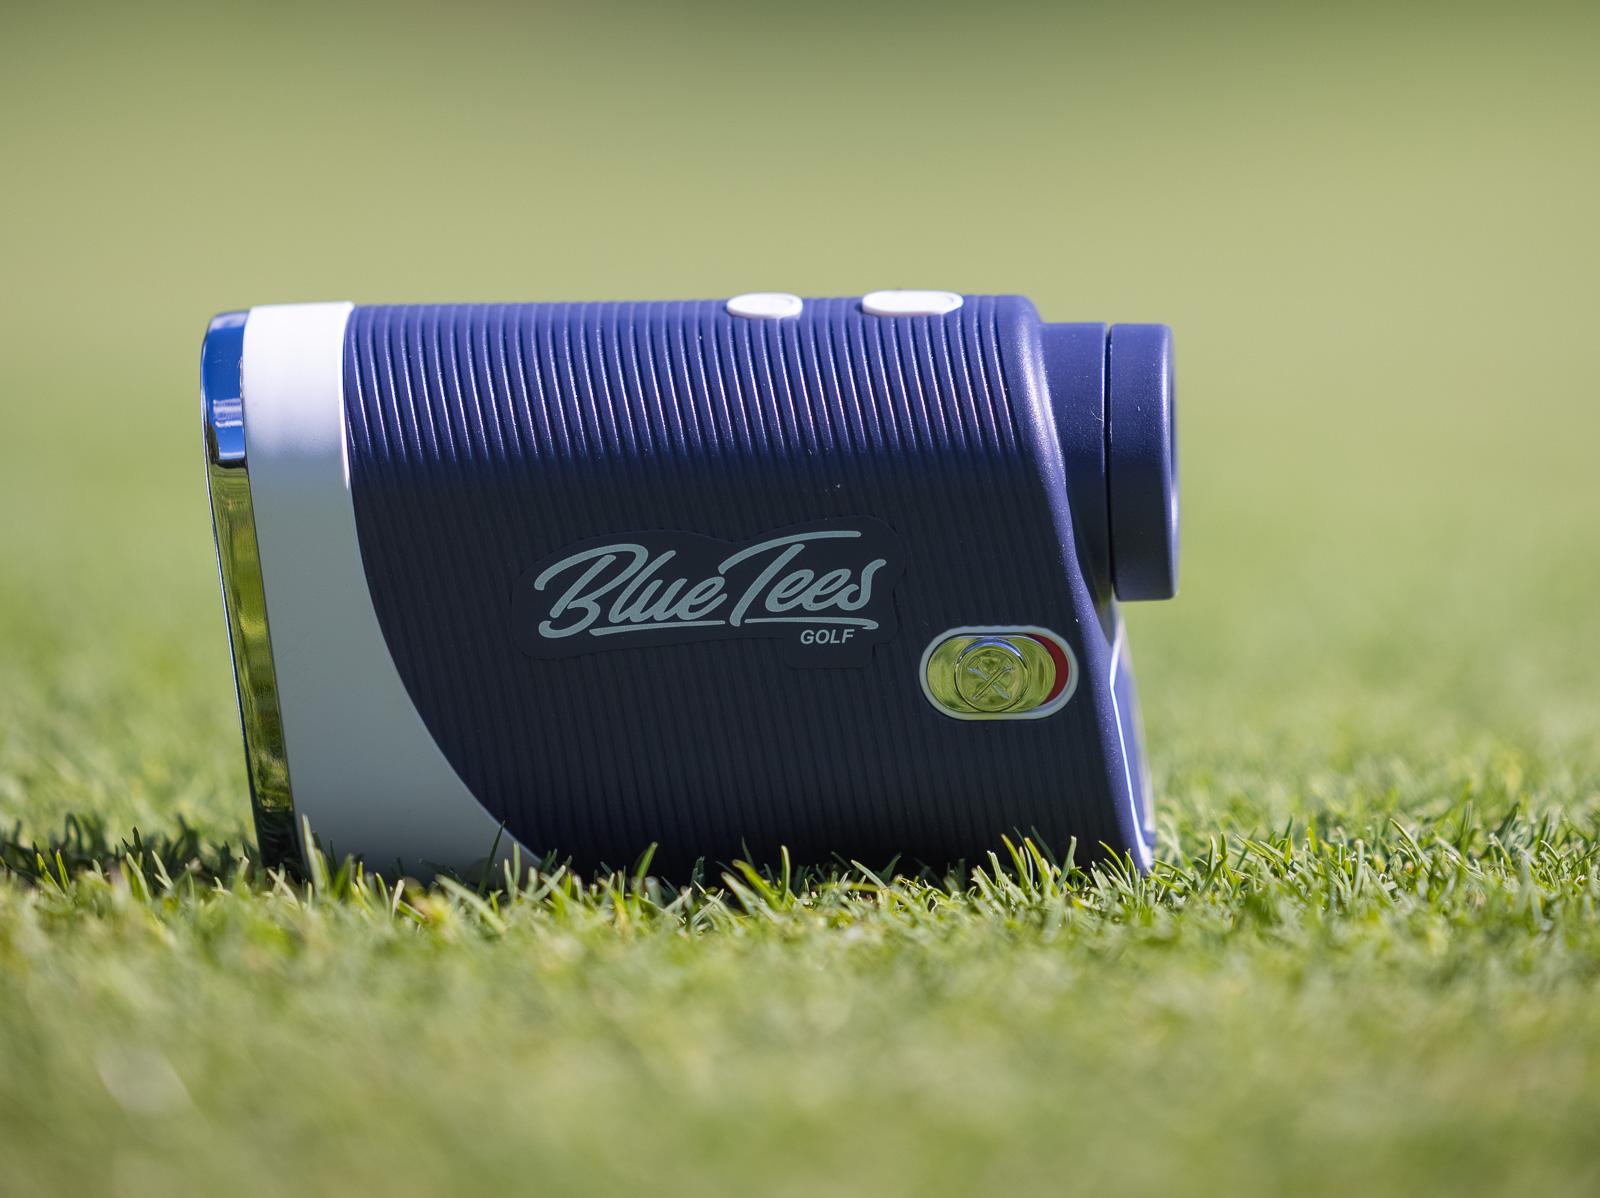 Blue Tees Series 3 Max Golf Rangefinder - Use code